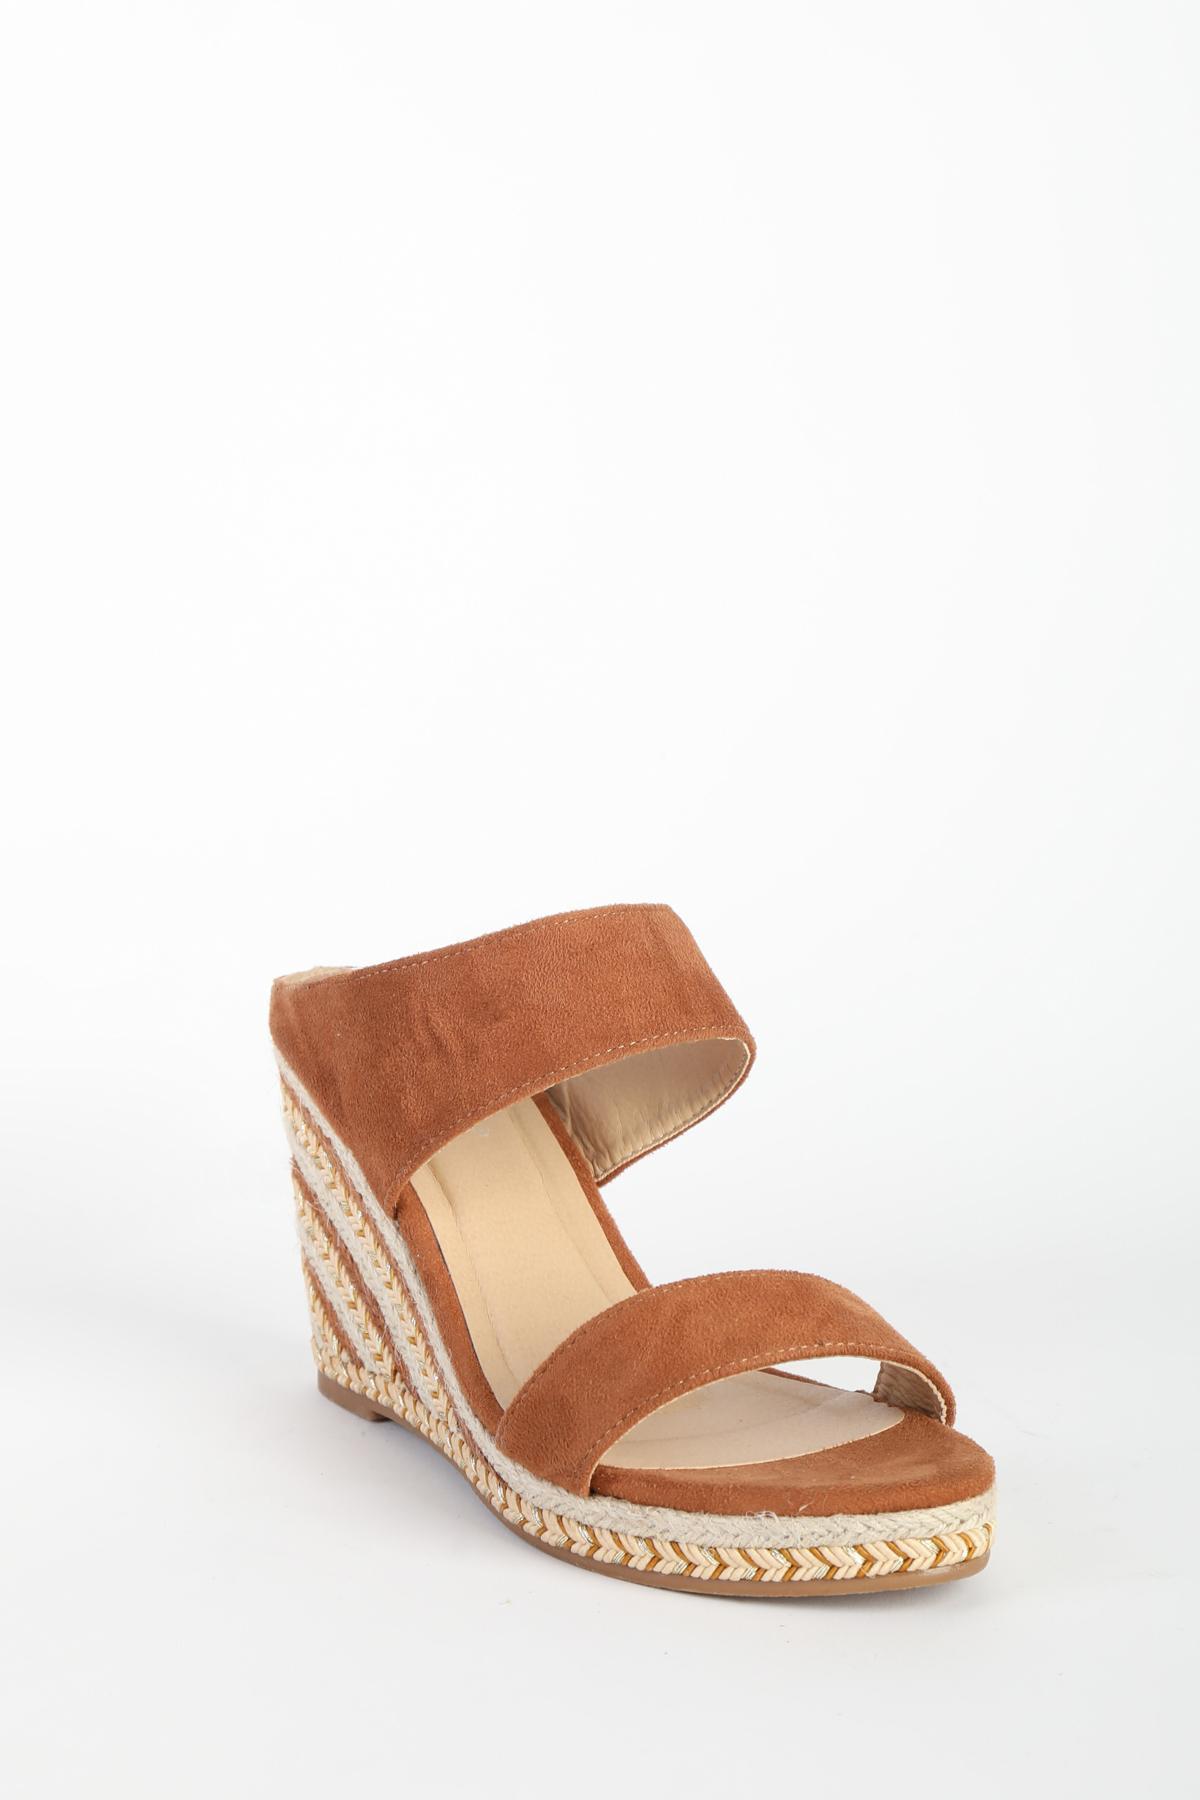 Compensées Chaussures Camel EMELLA HM652 #c eFashion Paris